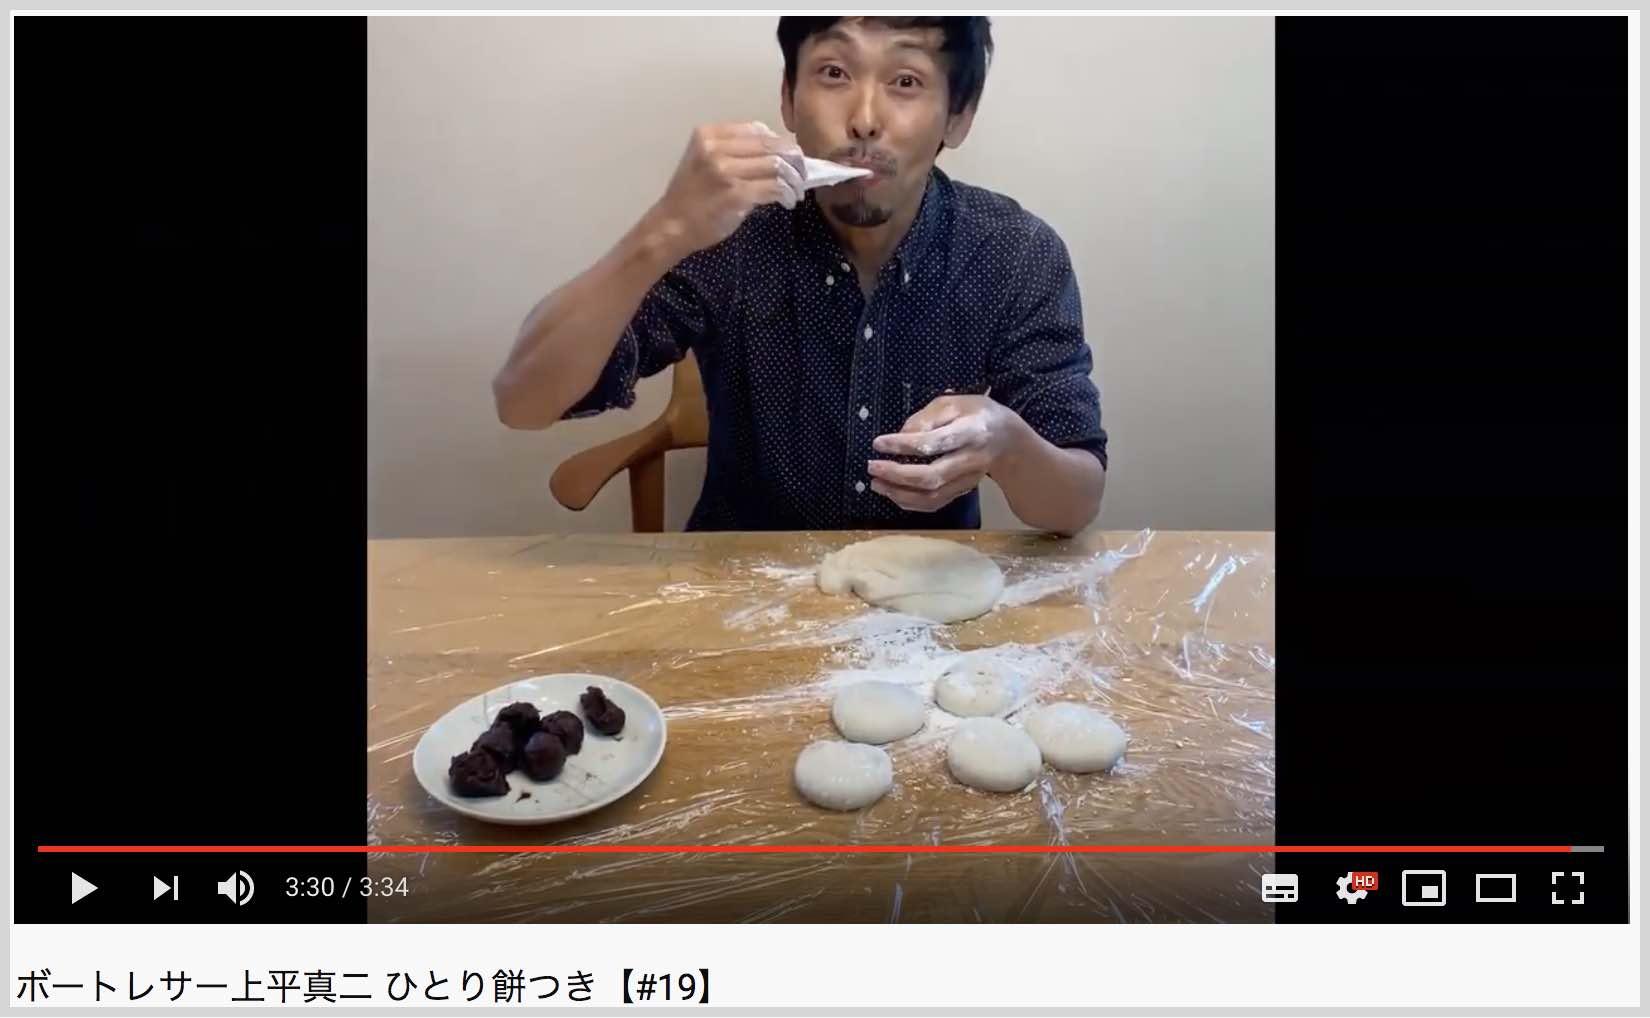 ボートレーサー上平真二のYouTube動画【第19回】